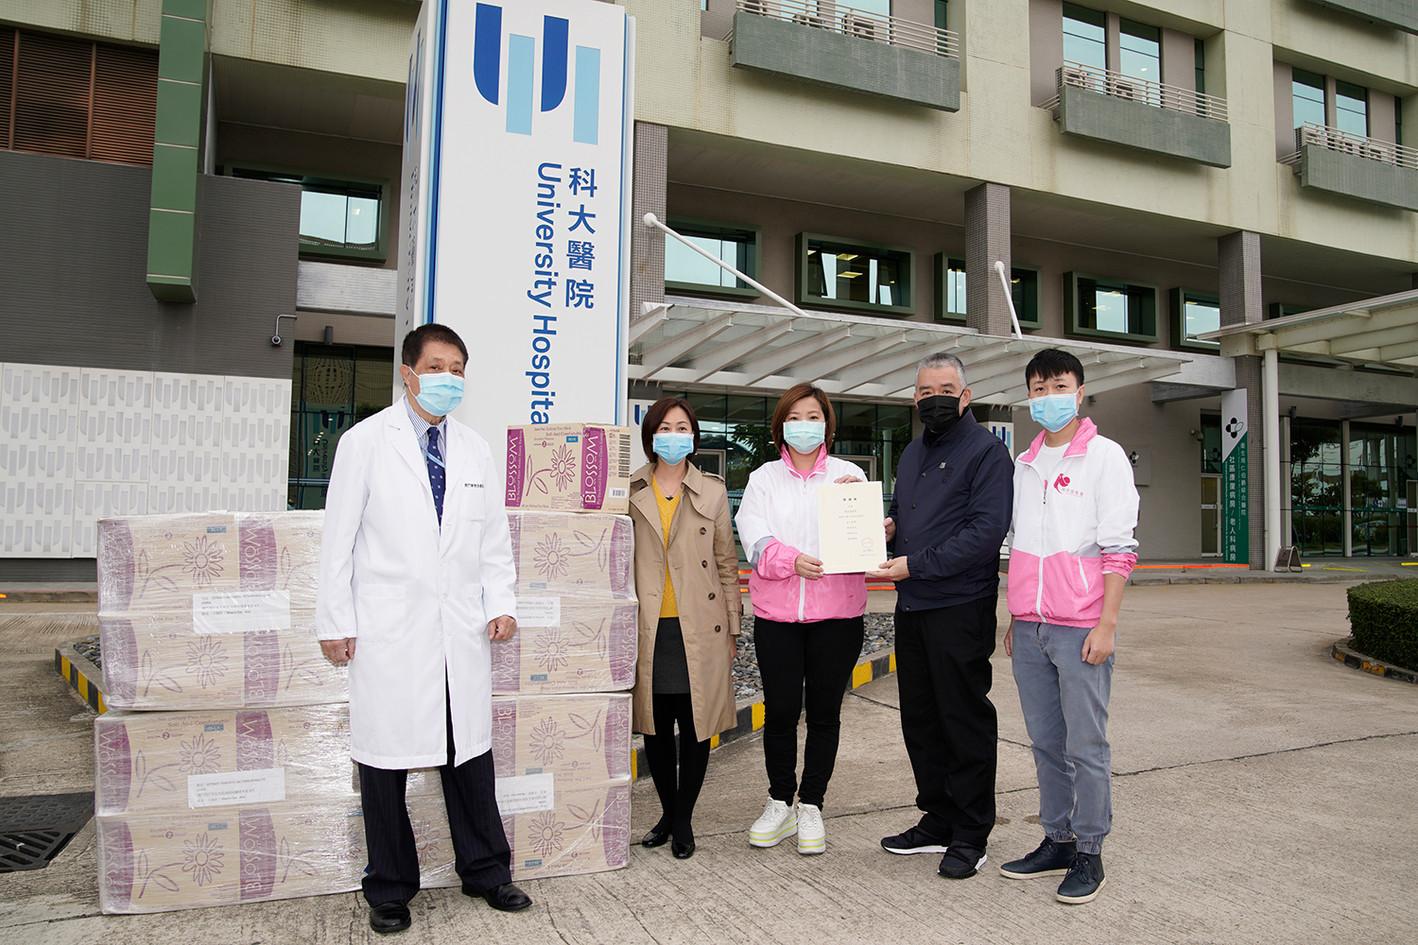 瑞欣慈善會捐贈二萬口罩予科大醫院 支持本澳前線醫護及市民抗疫